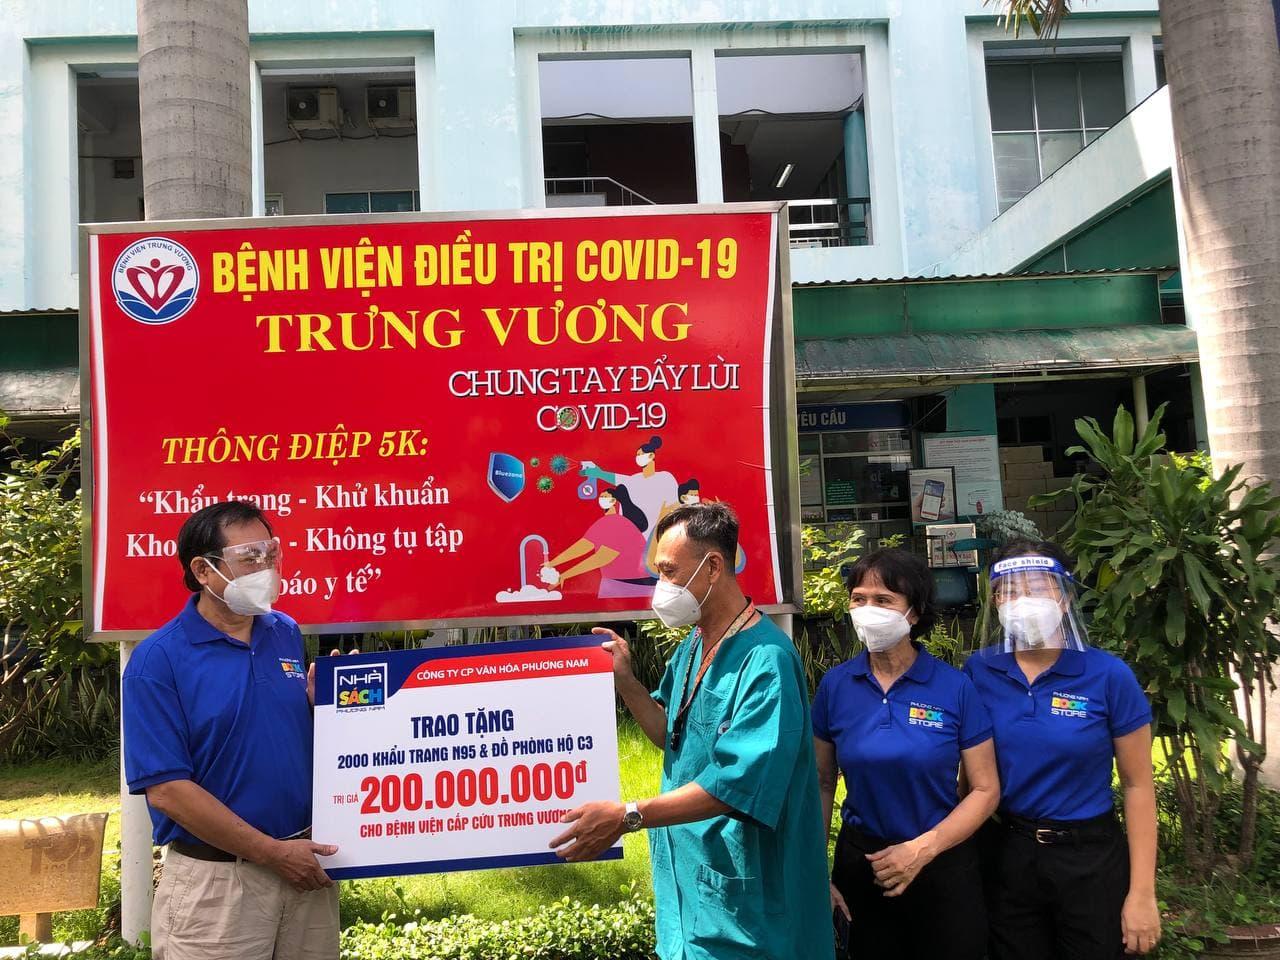 Ông Nguyễn Hữu Hoạt (trái) trao tặng trang thiết bị y tế cho bệnh viện Trưng Vương. Ảnh: Nhà sách Phương Nam